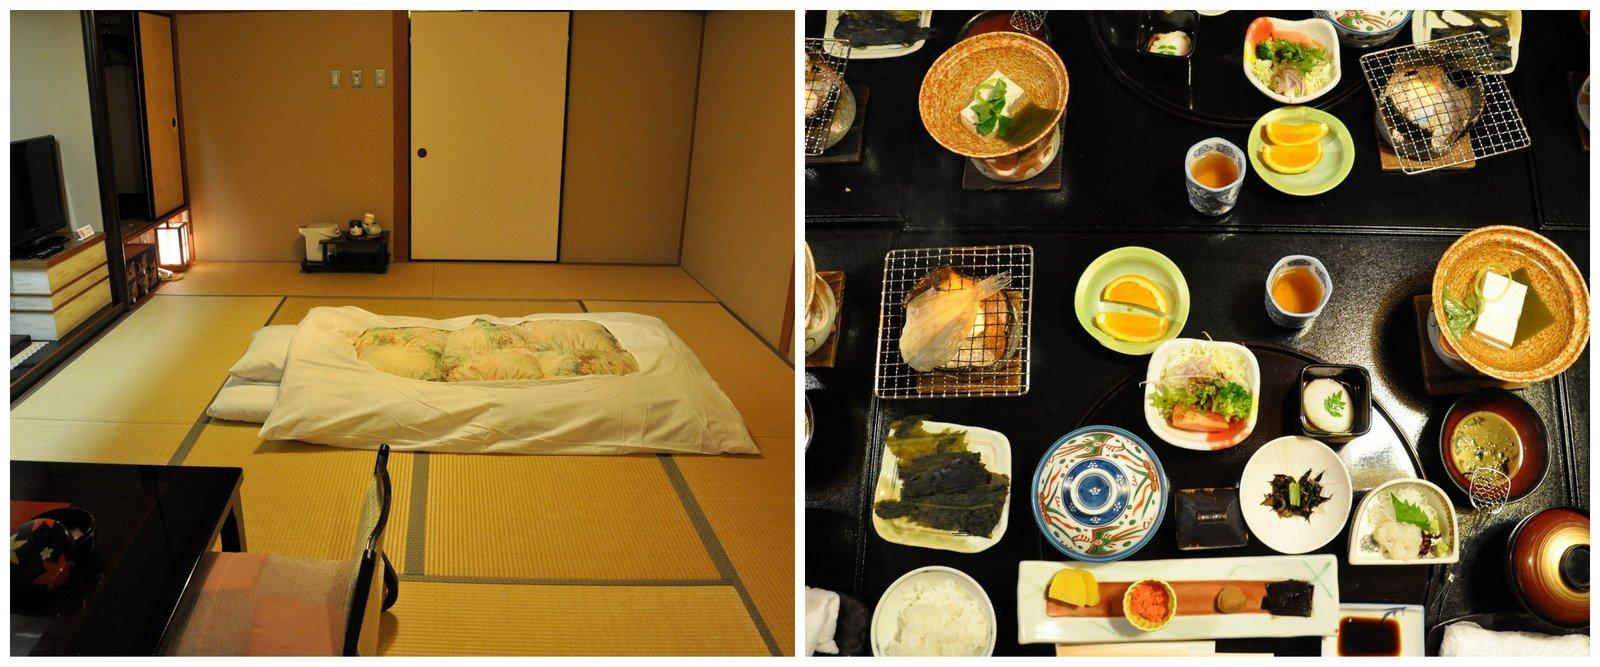 Chambre traditionnelle avec futon et repas kaiseki au ryokan Mansuirou à Misasa